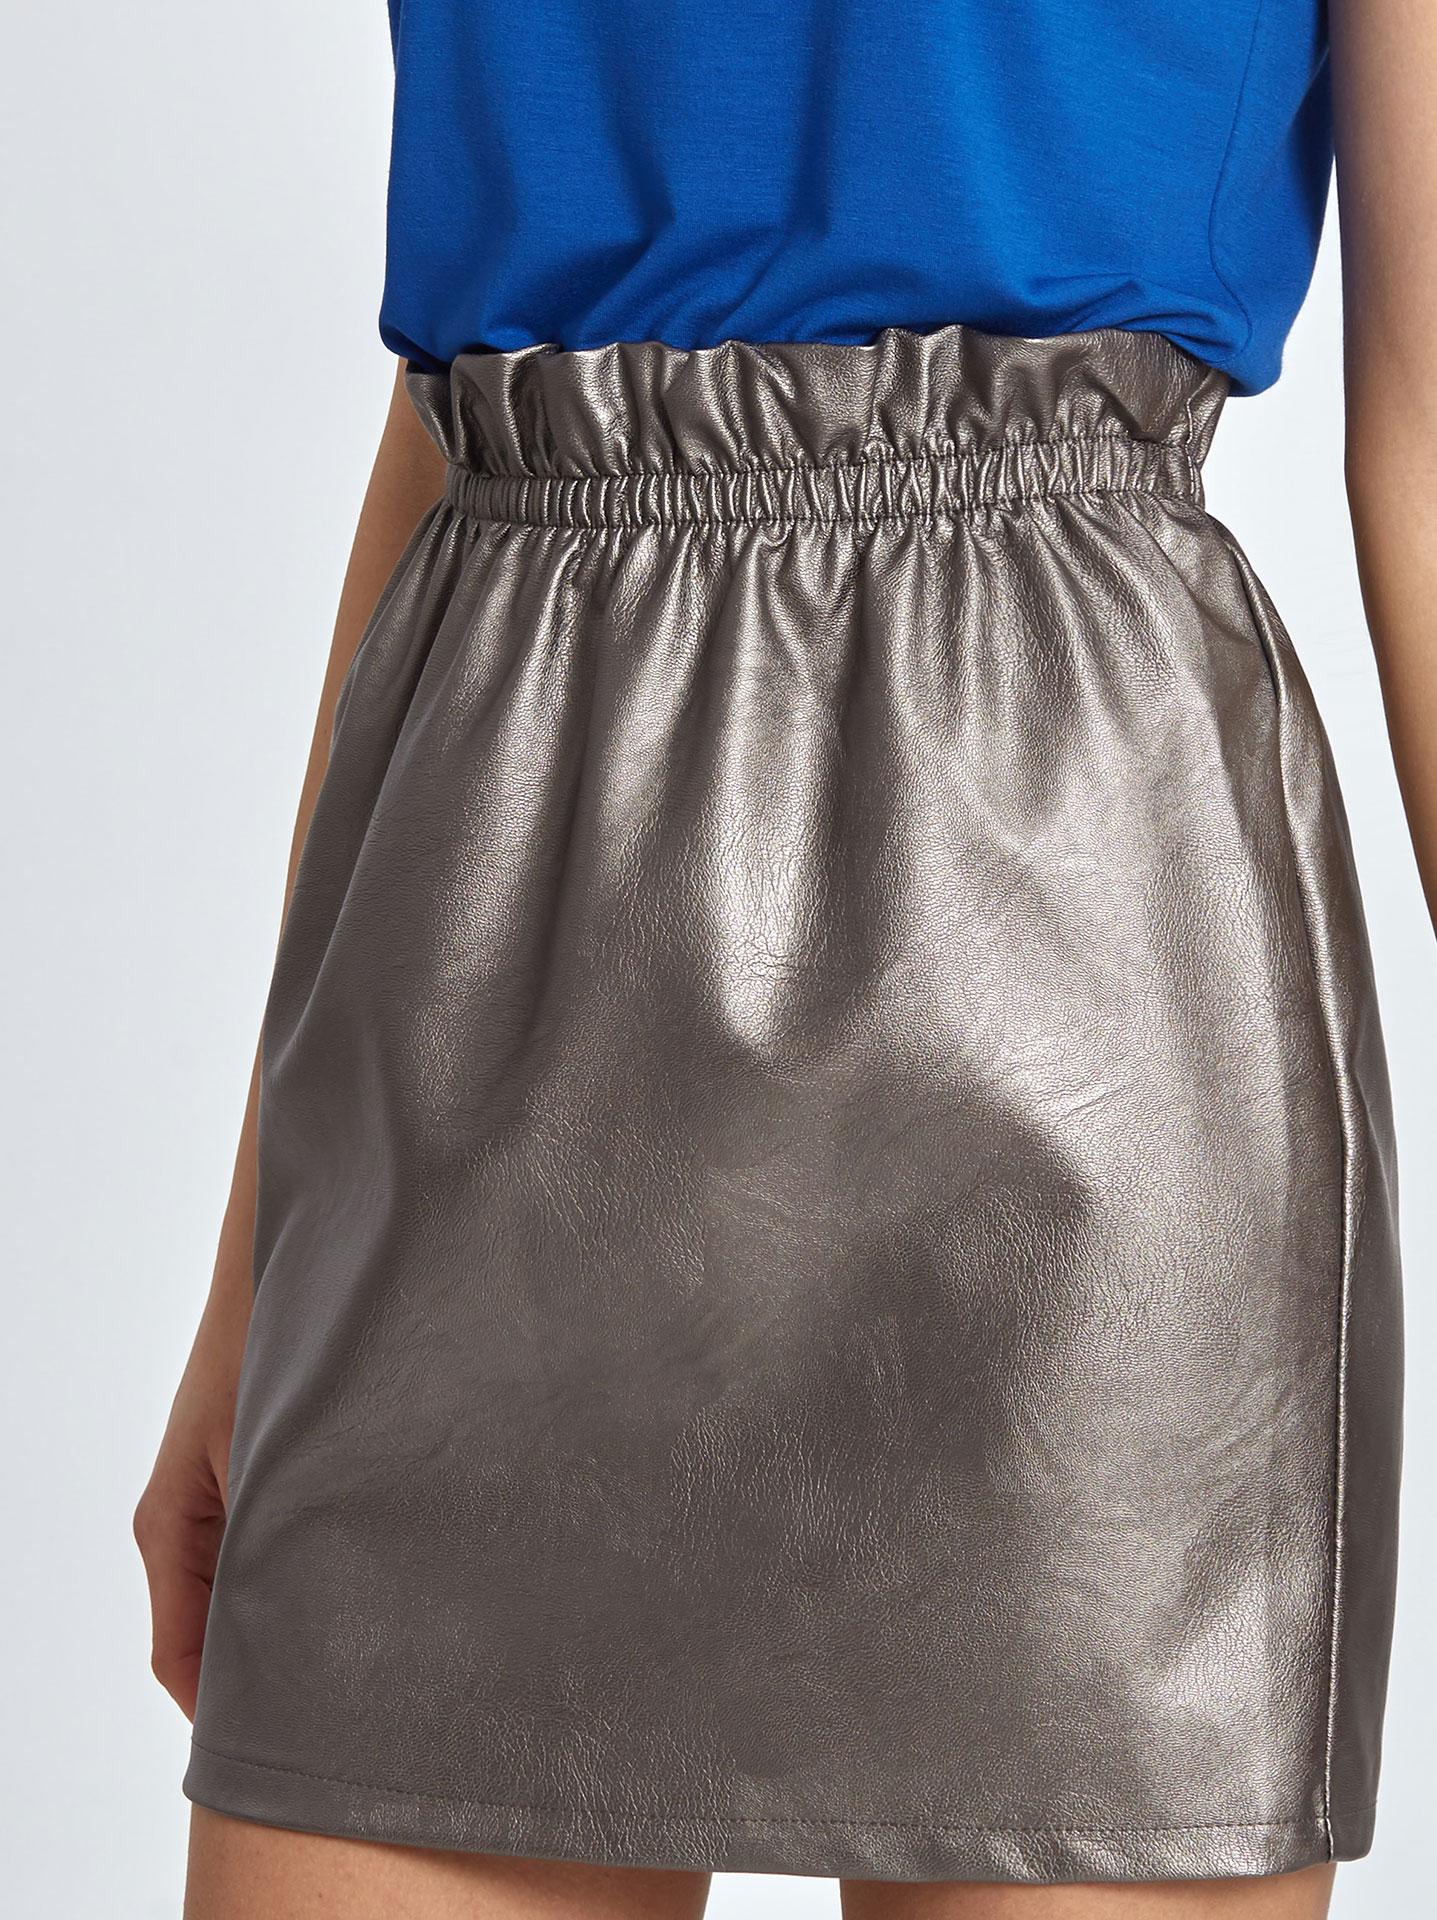 dd5800da9ed Mini φούστα δερματίνη με λάστιχο στην μέση μπρονζέ - €12,95